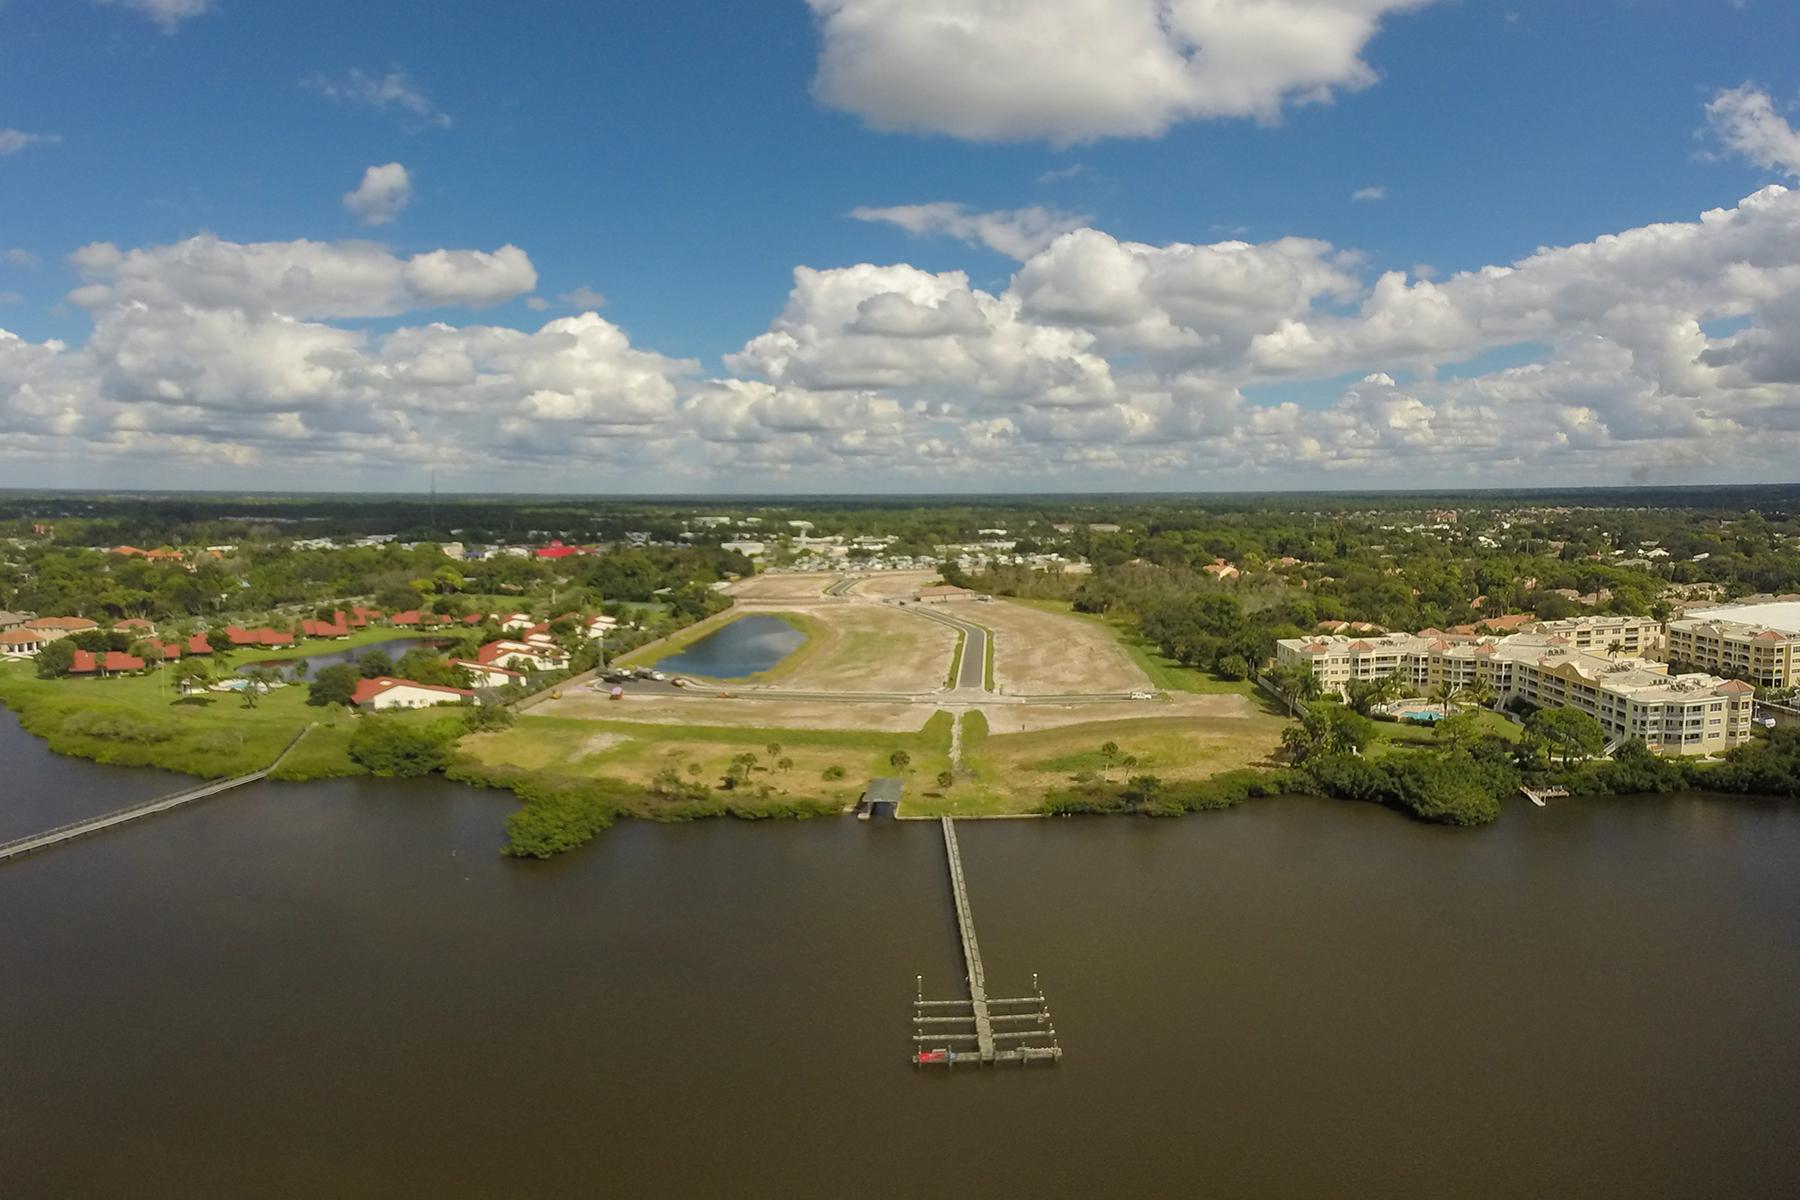 Земля для того Продажа на BAYSIDE 36 Masthead 36 Osprey, Флорида 34229 Соединенные Штаты